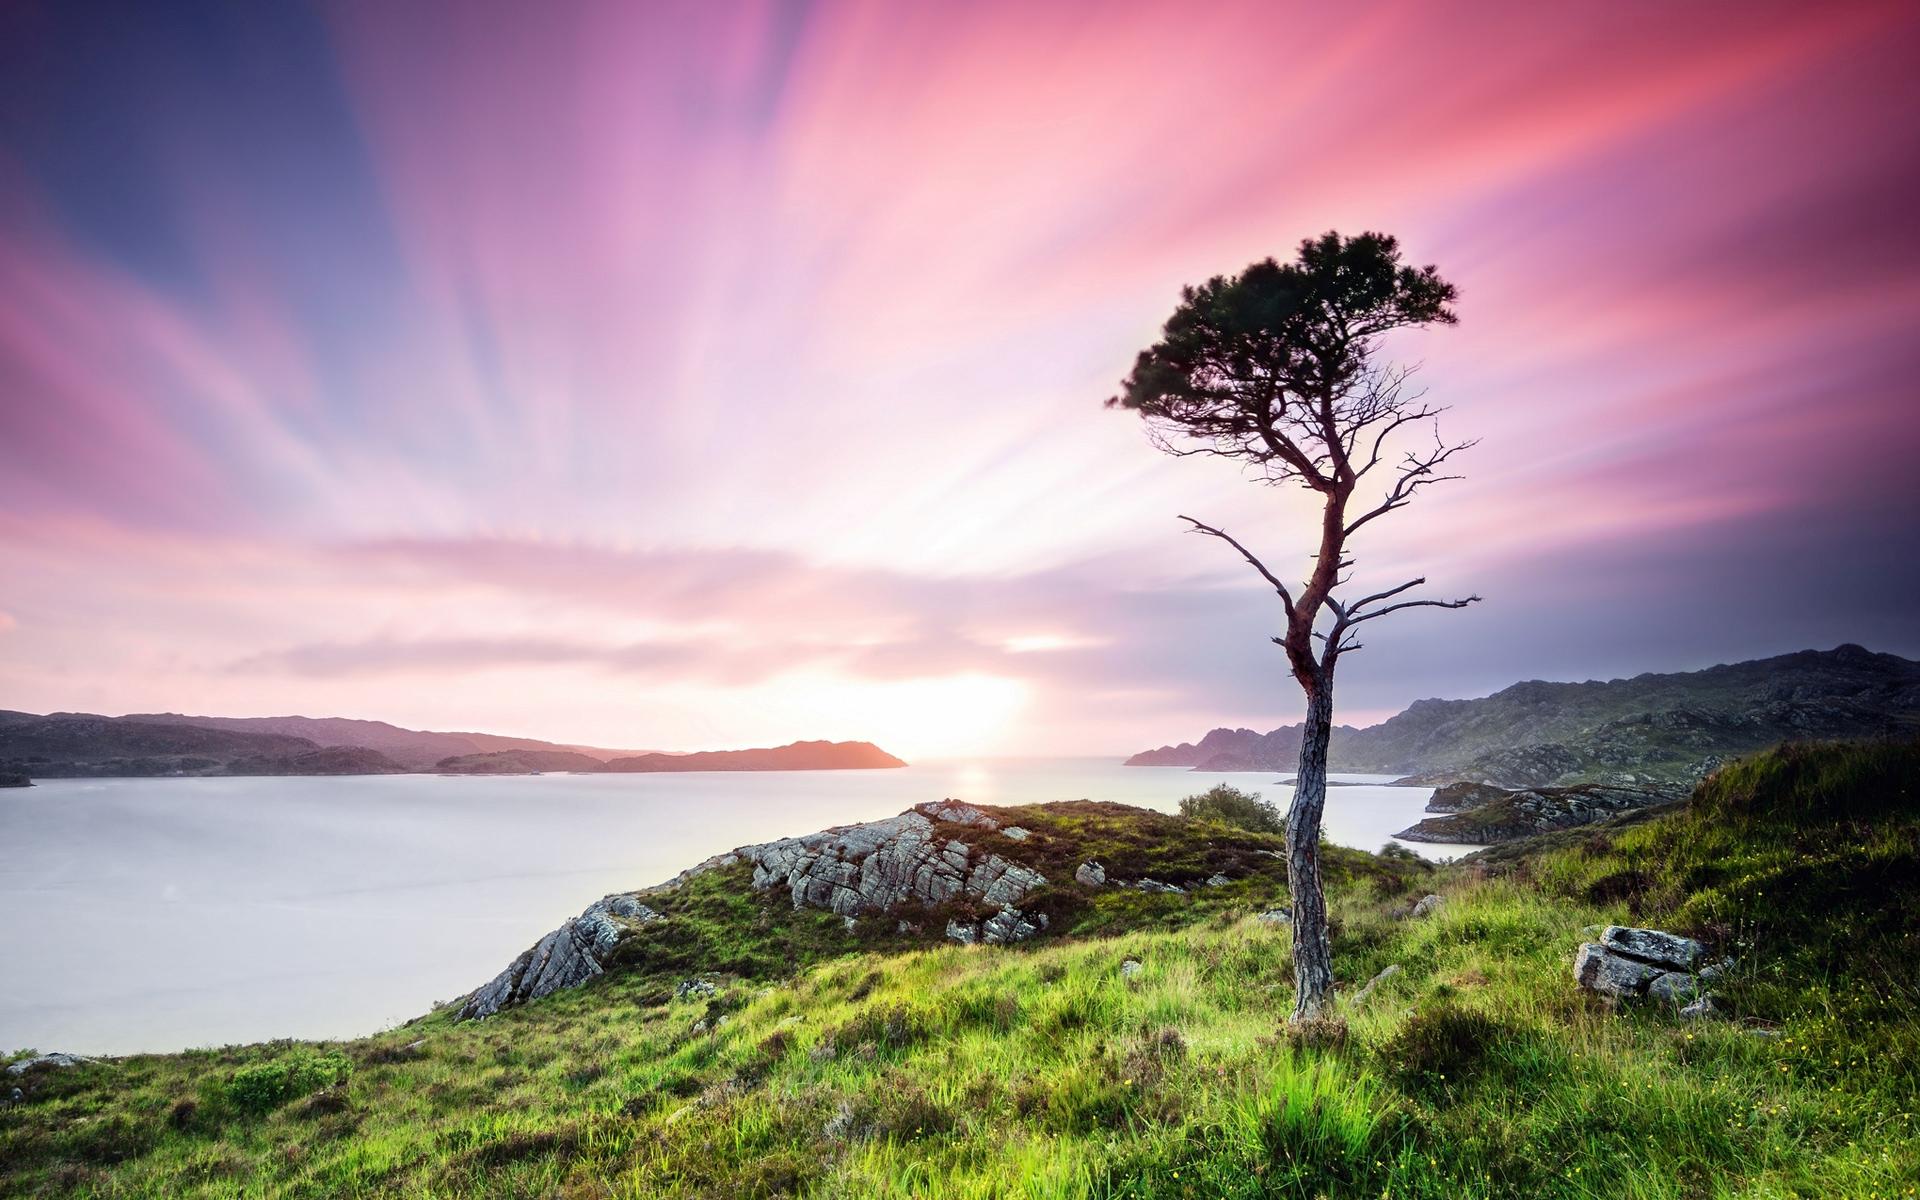 Природа шотландии обои на рабочий стол